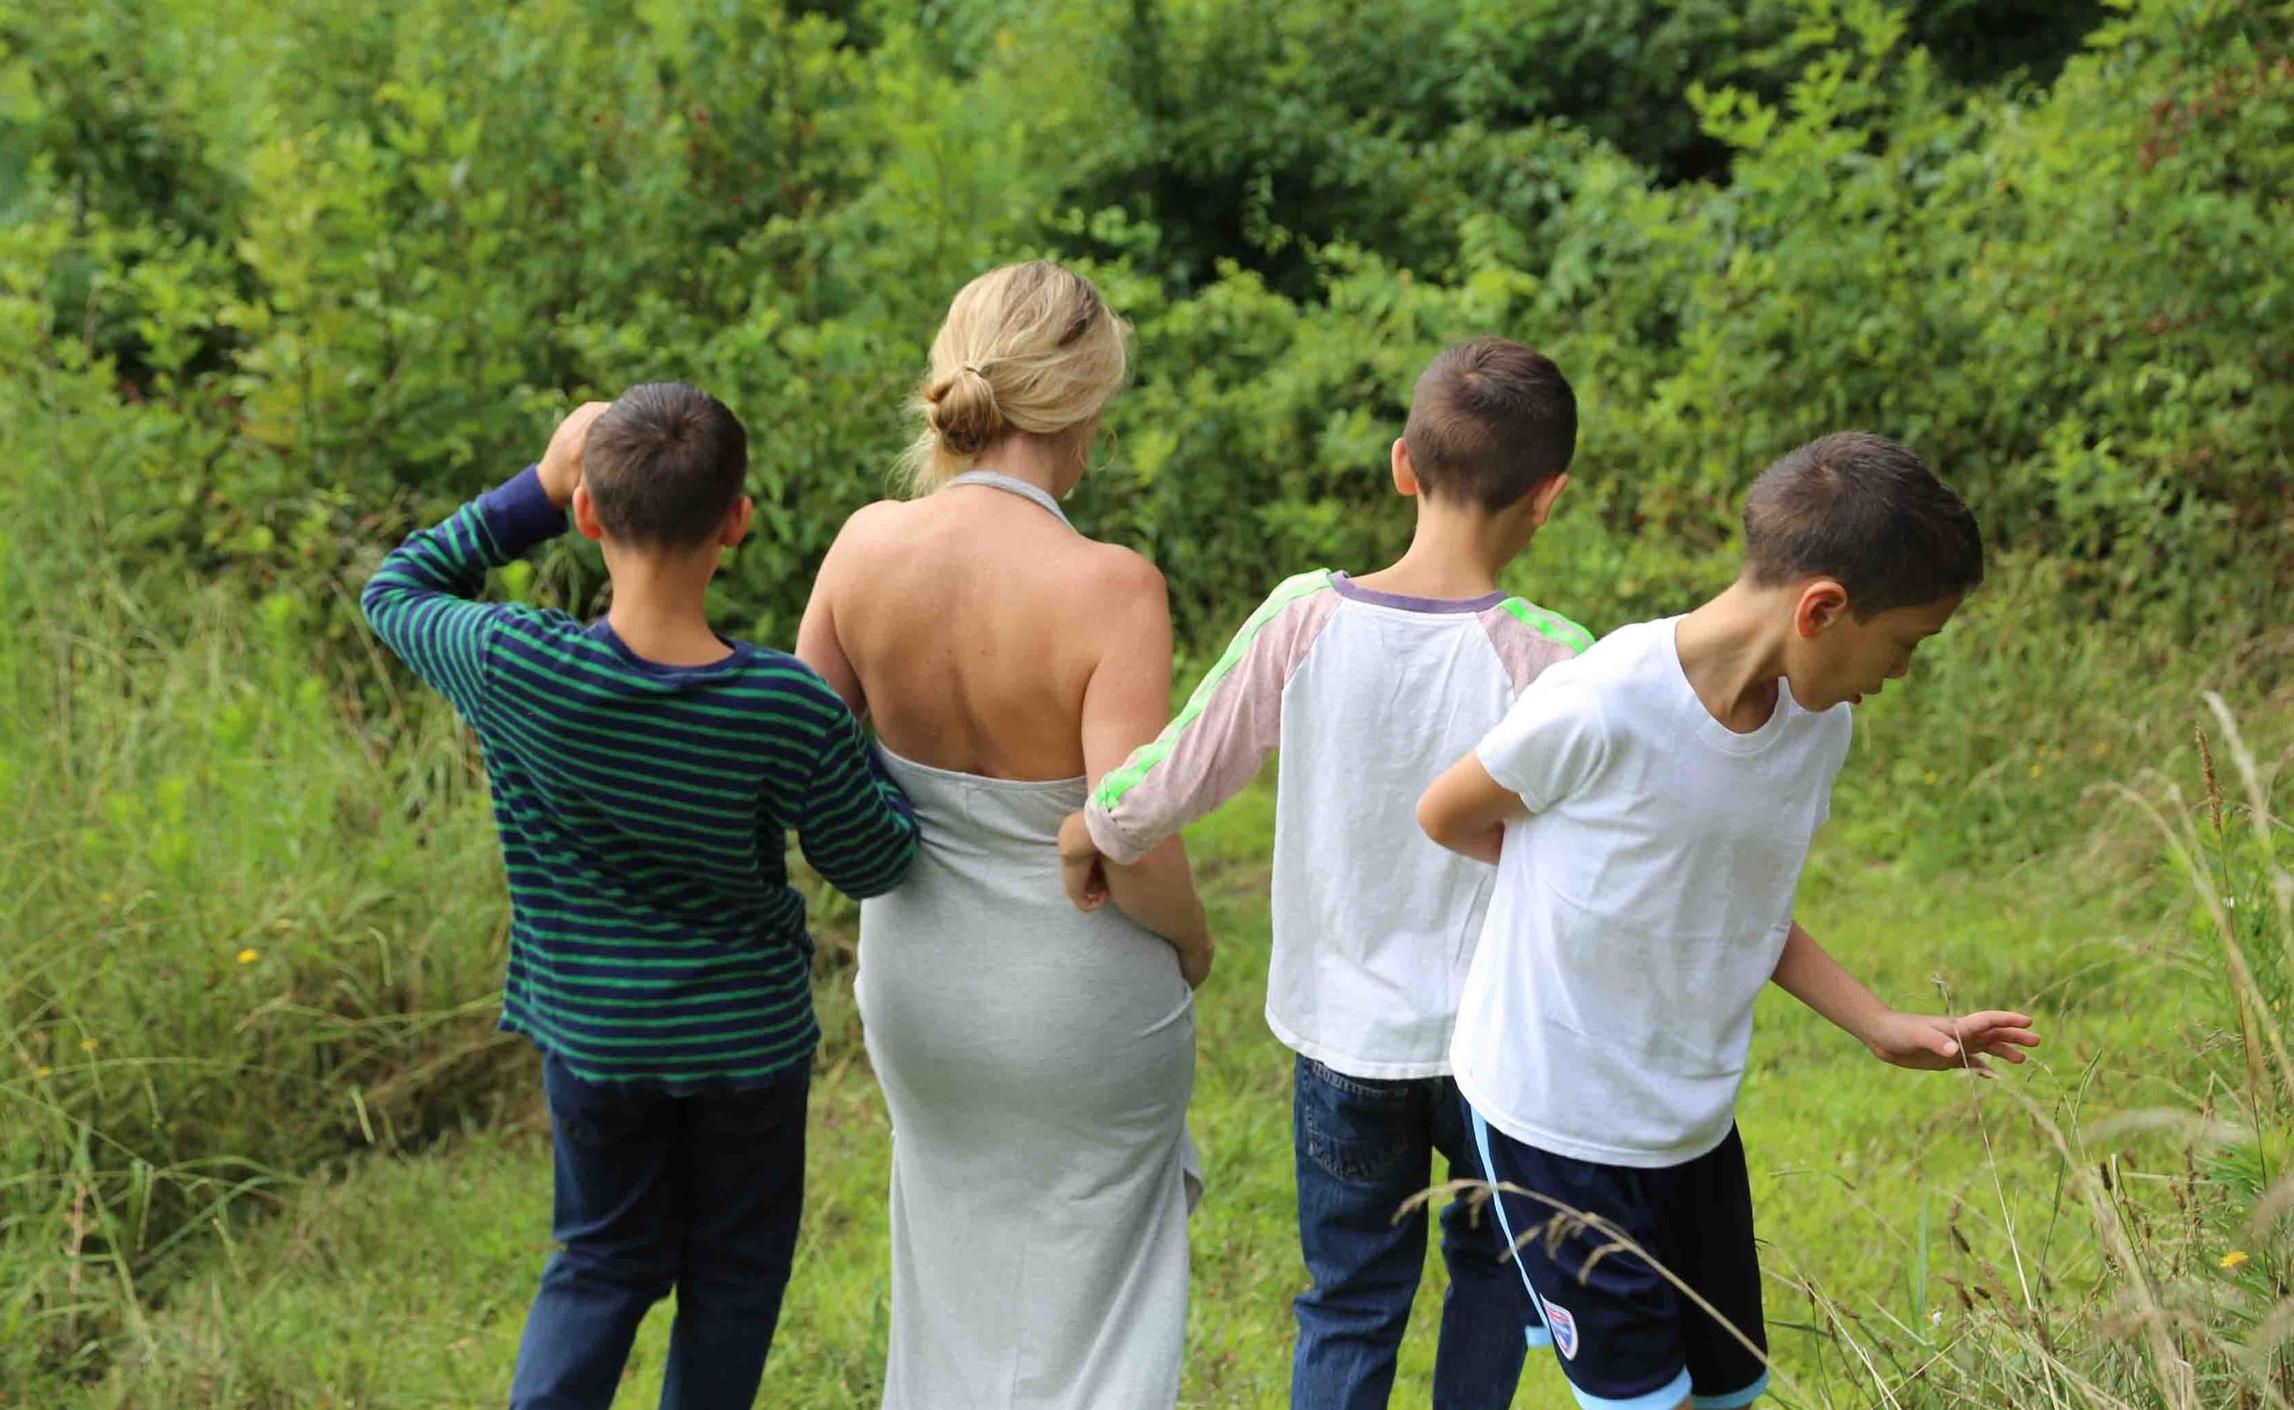 44_Aimee loves her boys.jpg